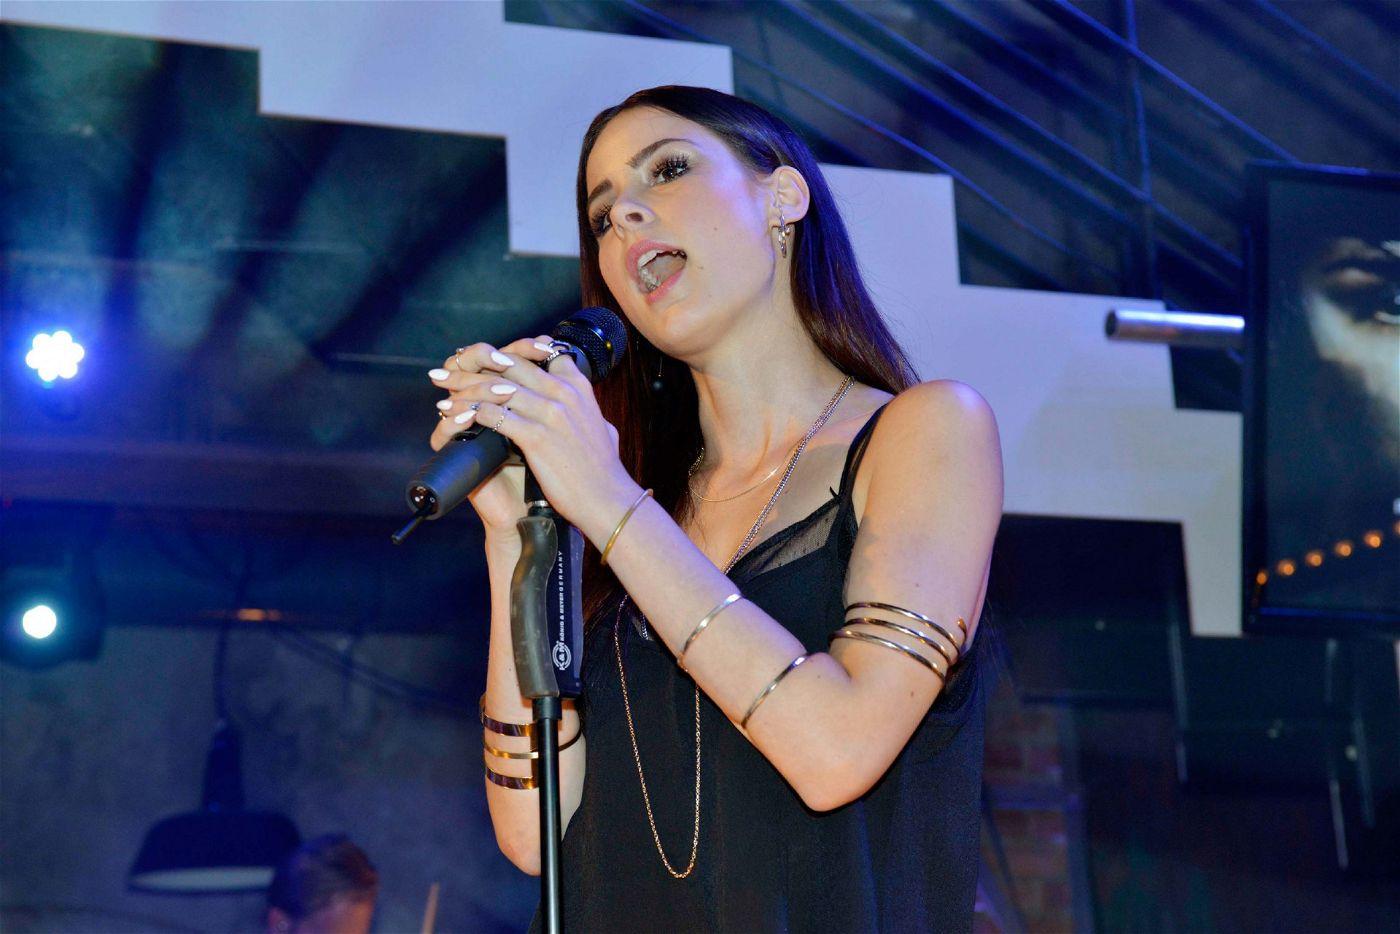 """Die Gewinnerin des Eurovision Song Contest 2010 performt ihre Songs """"Traffic Lights"""" und """"Beat To My Melody""""."""